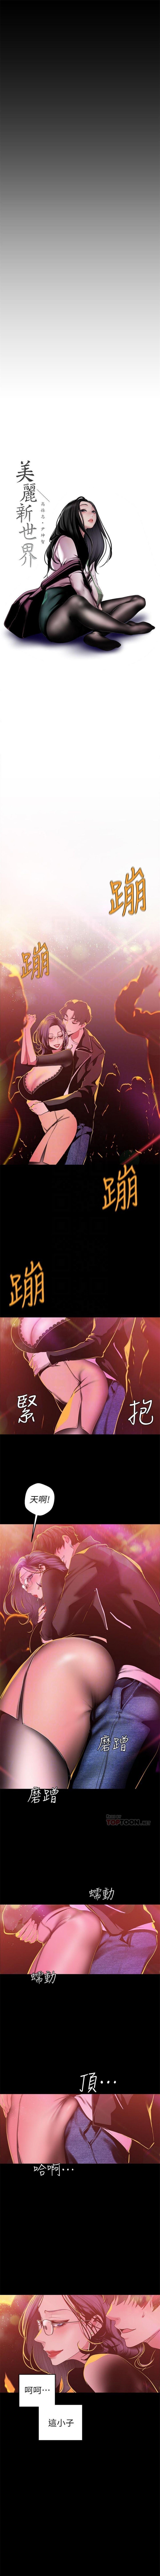 美麗新世界 1-85 官方中文(連載中) 648